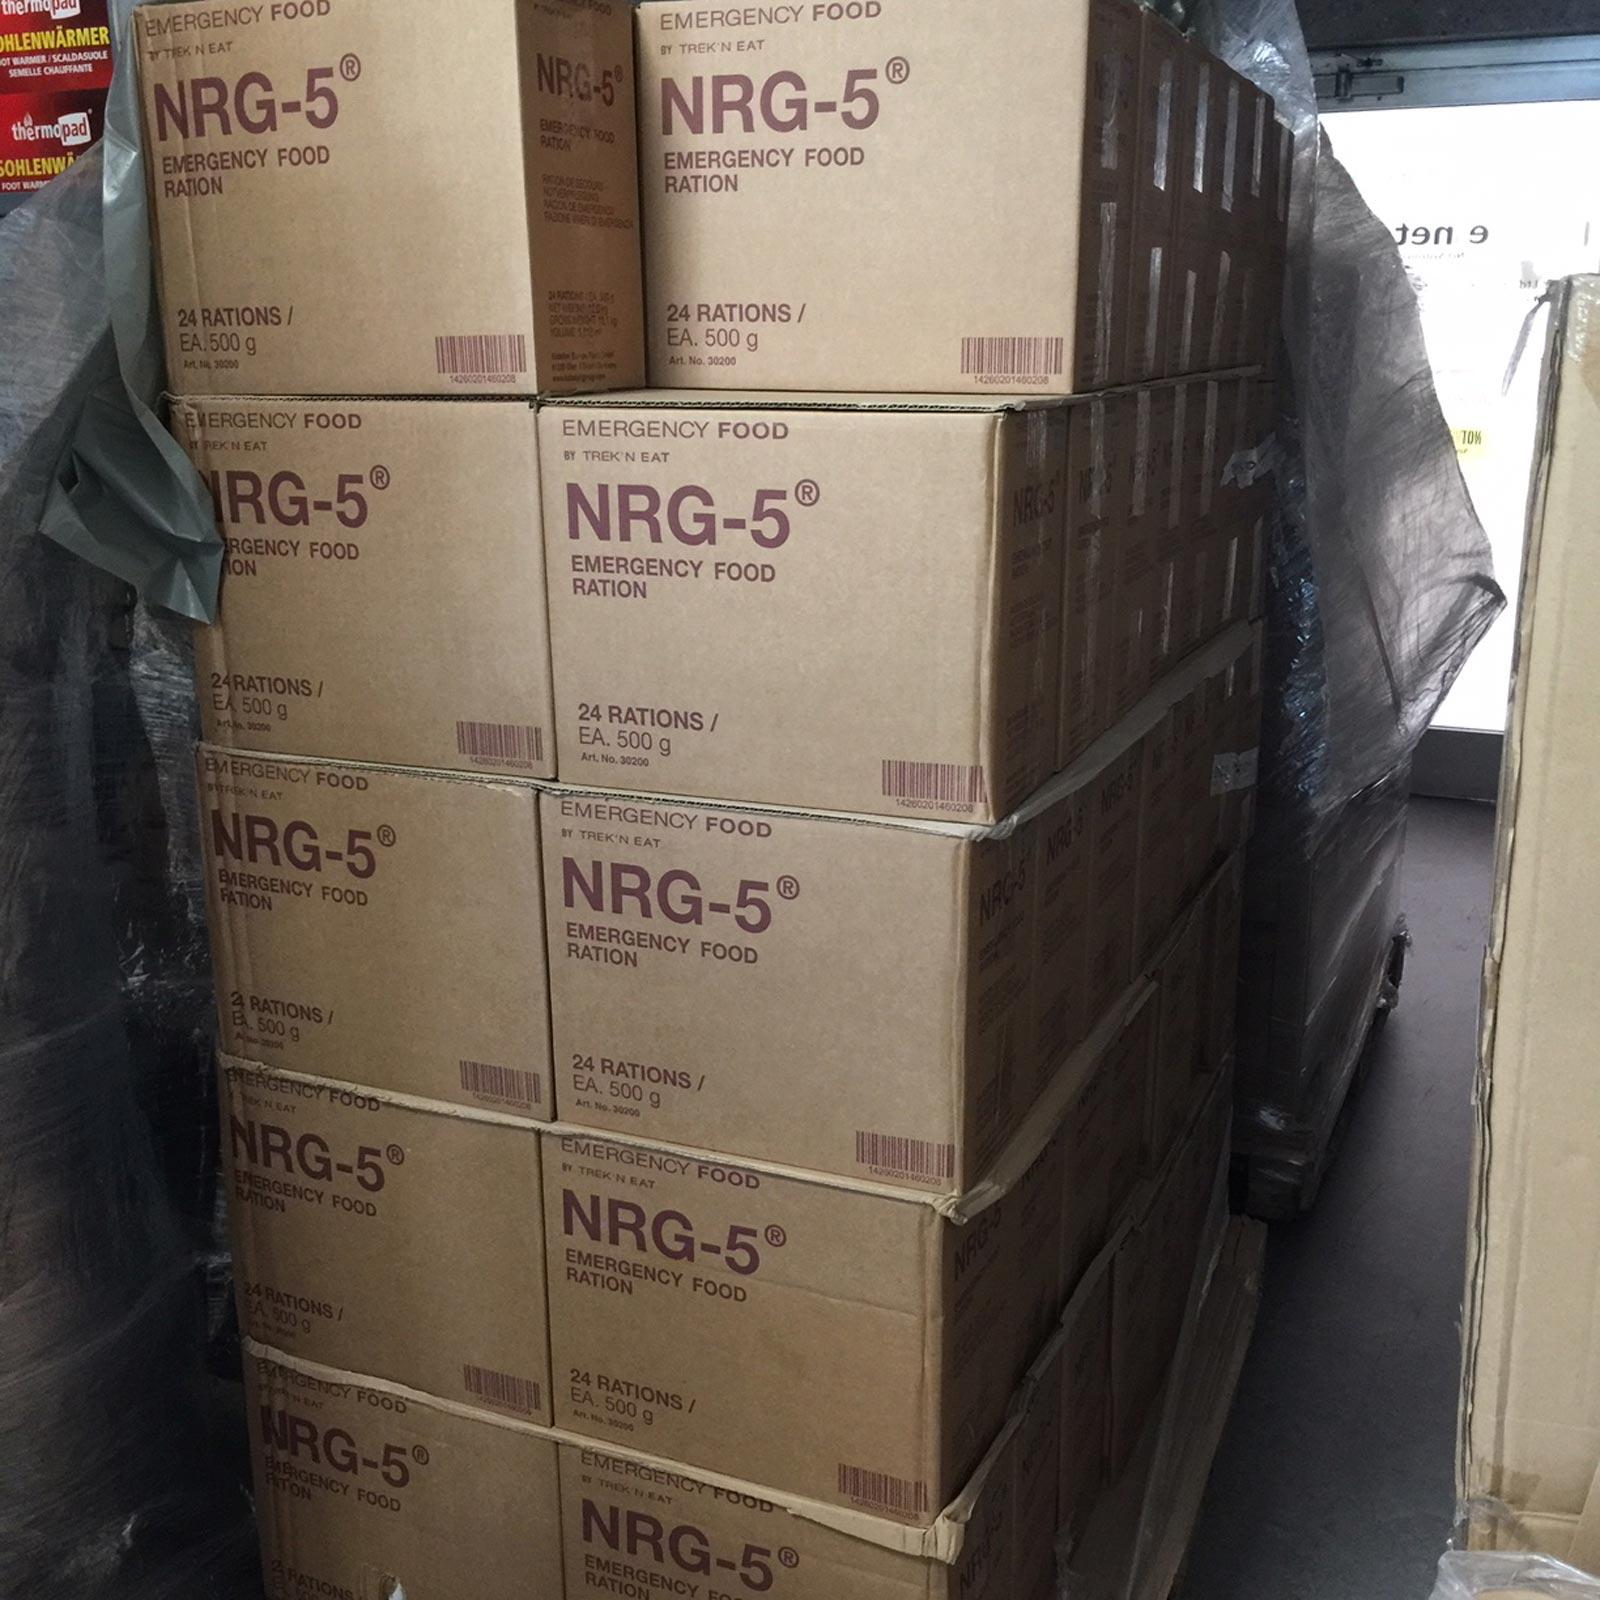 NRG-Lieferung-1852020